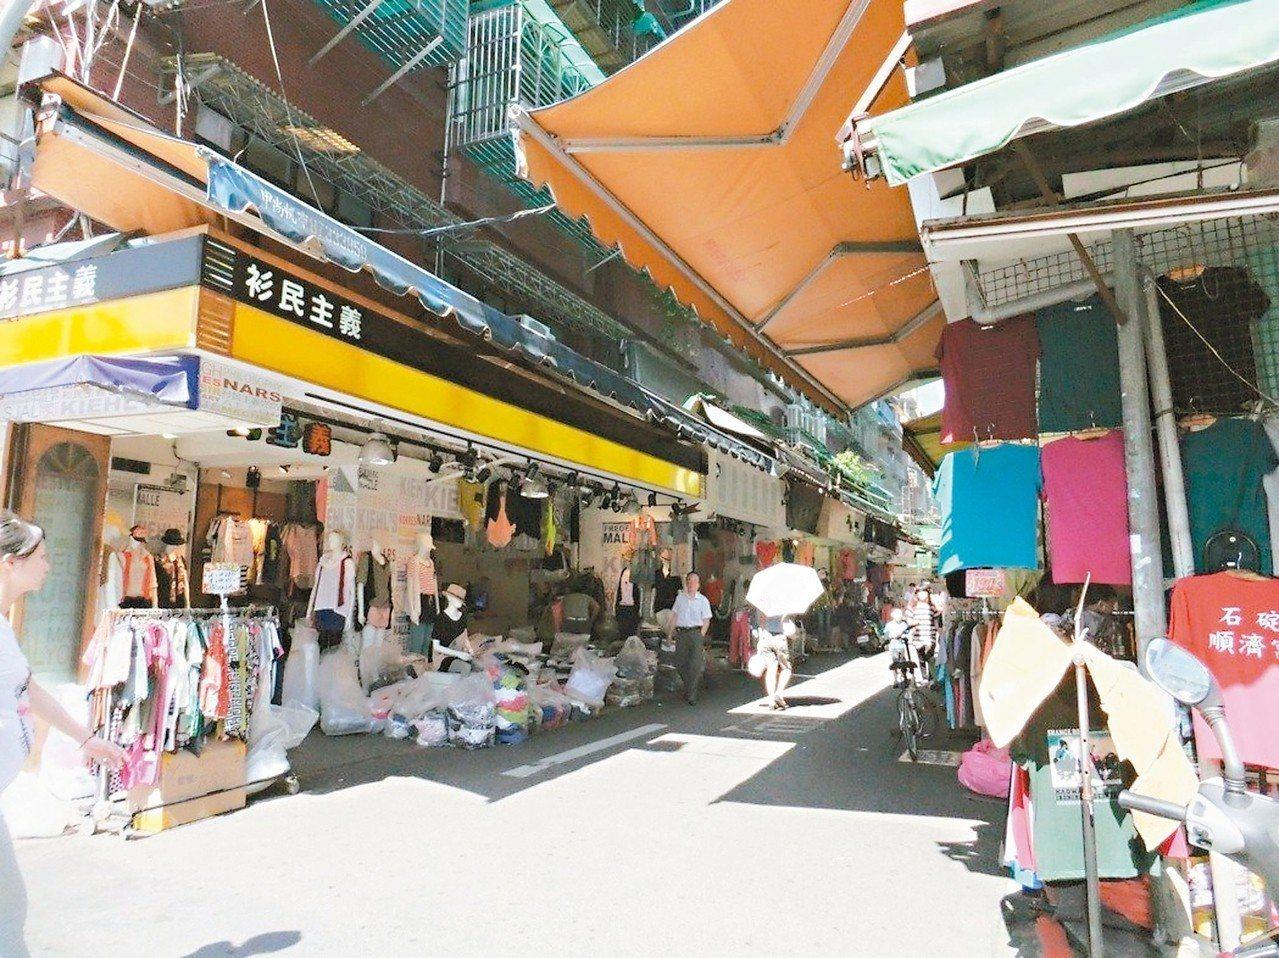 位於台北市信義區的五分埔商圈,全盛期多達1300家店,堪稱國內最大成衣服飾批發地...